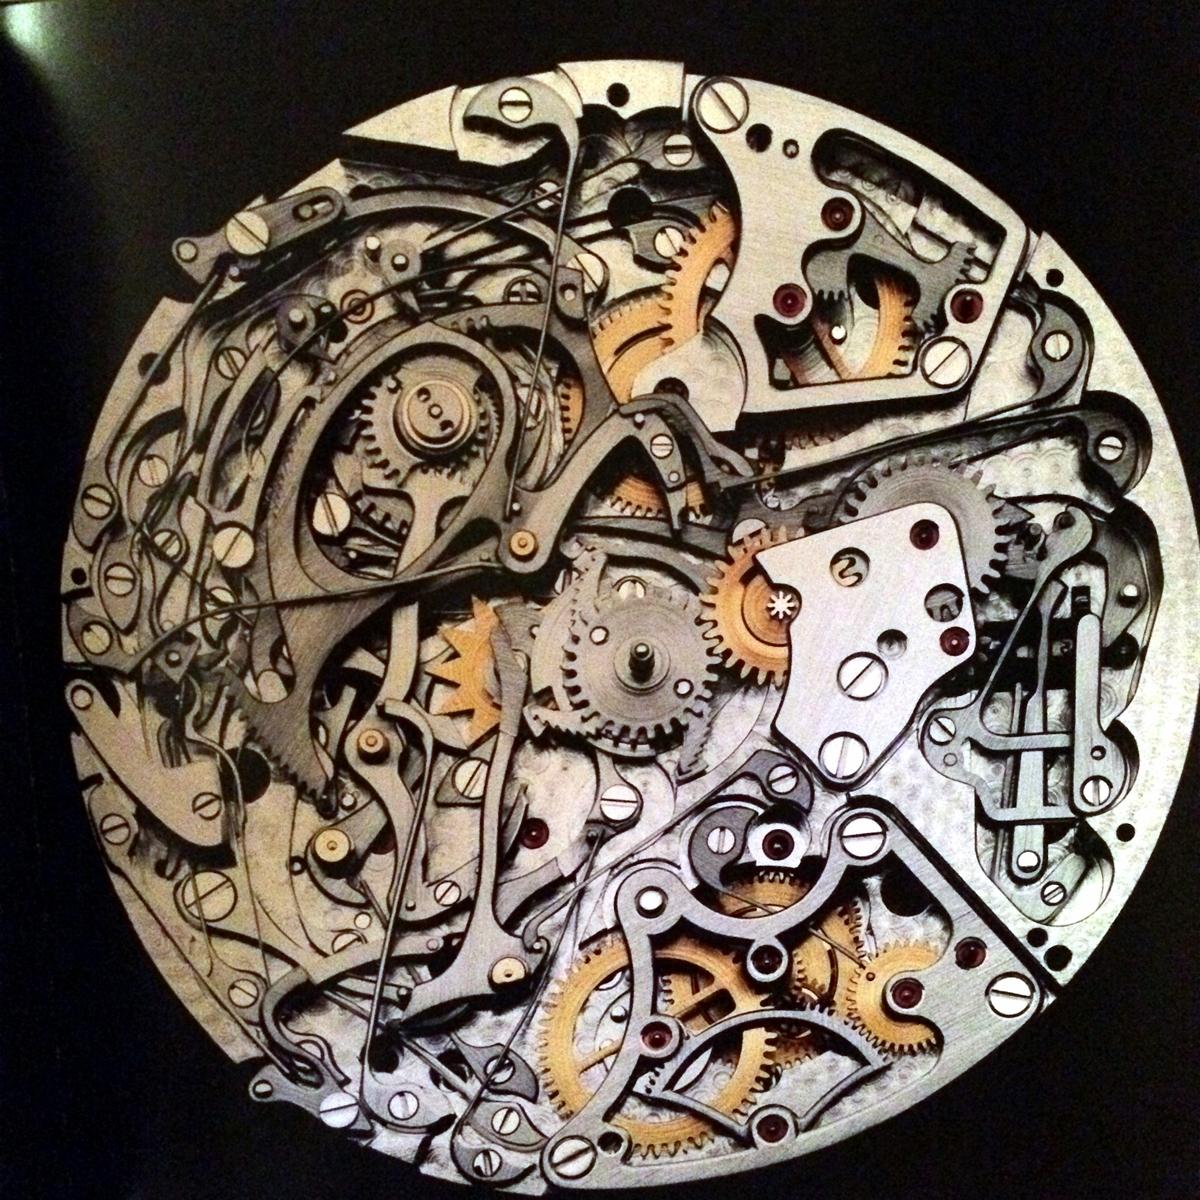 22 luxurious_watch_design_clockworks_construction_luksusowe_zegarki_mechanizm_projektowanie_lifestyle